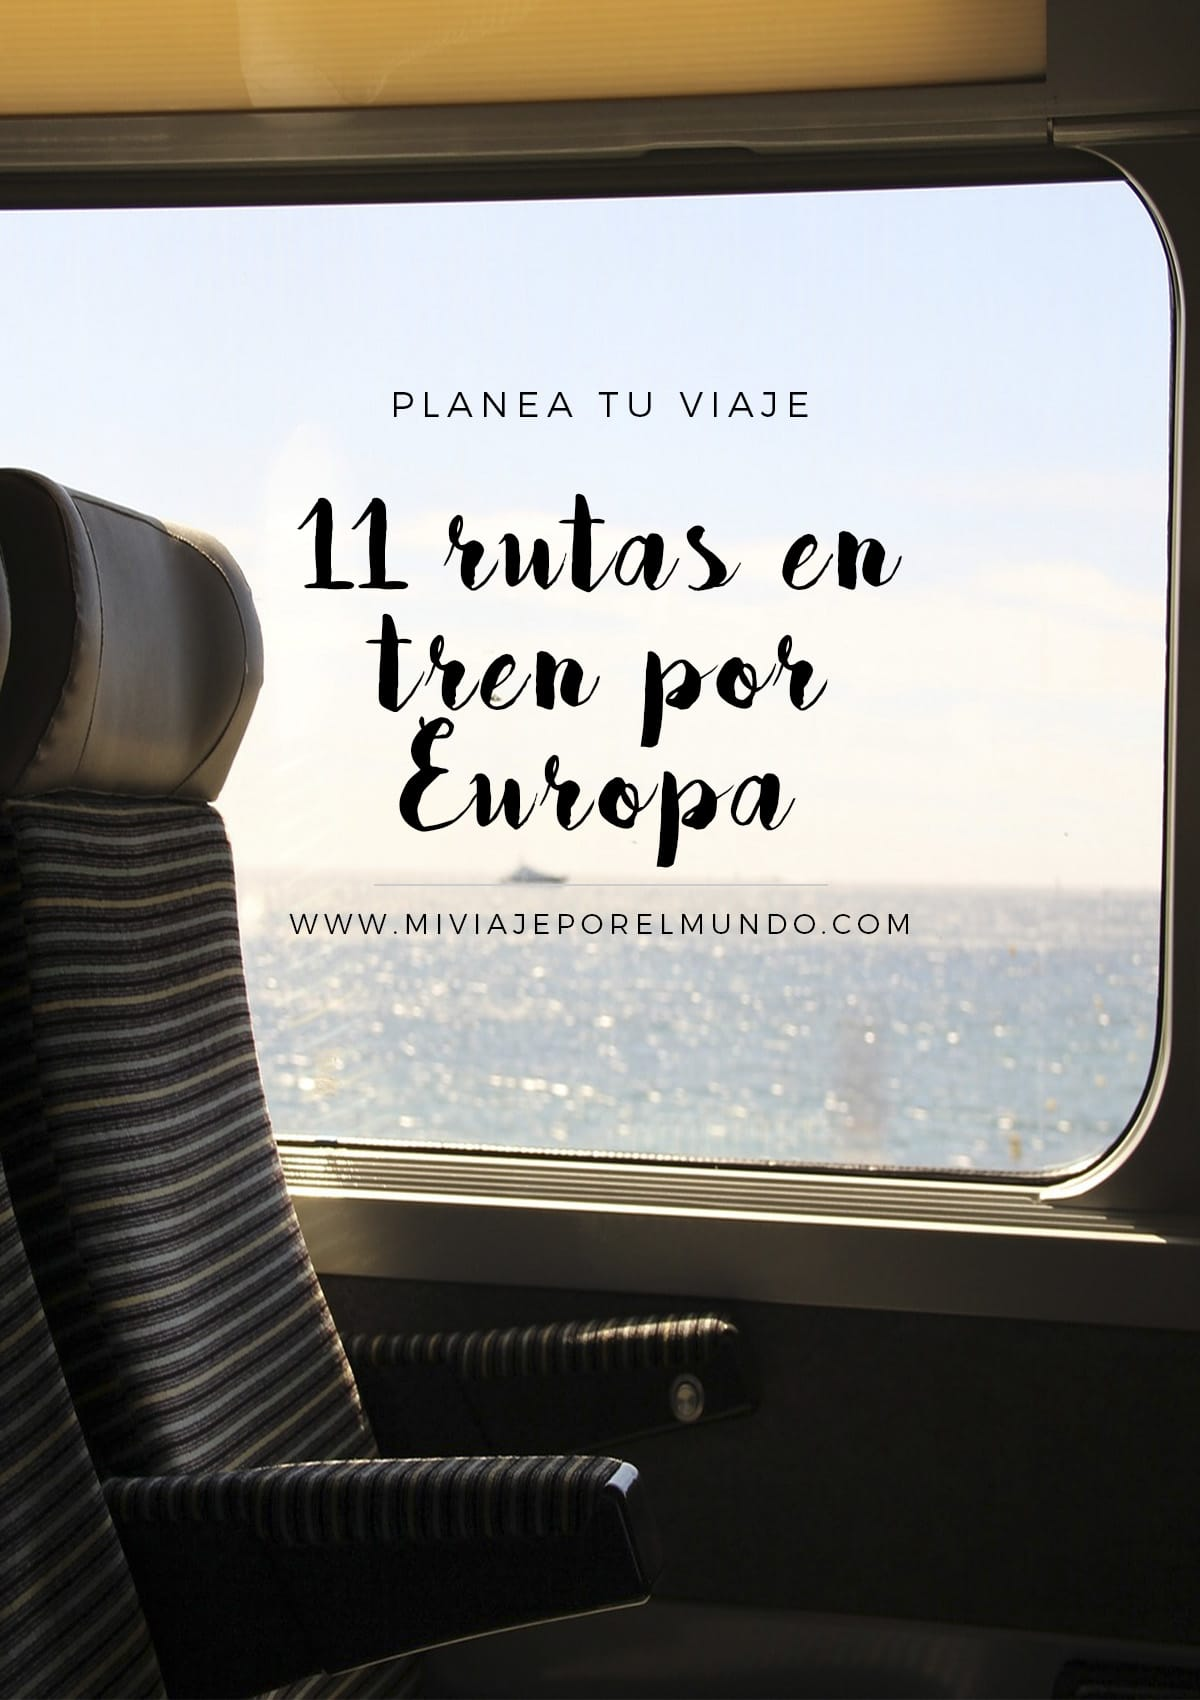 rutas-en-tren-por-europa